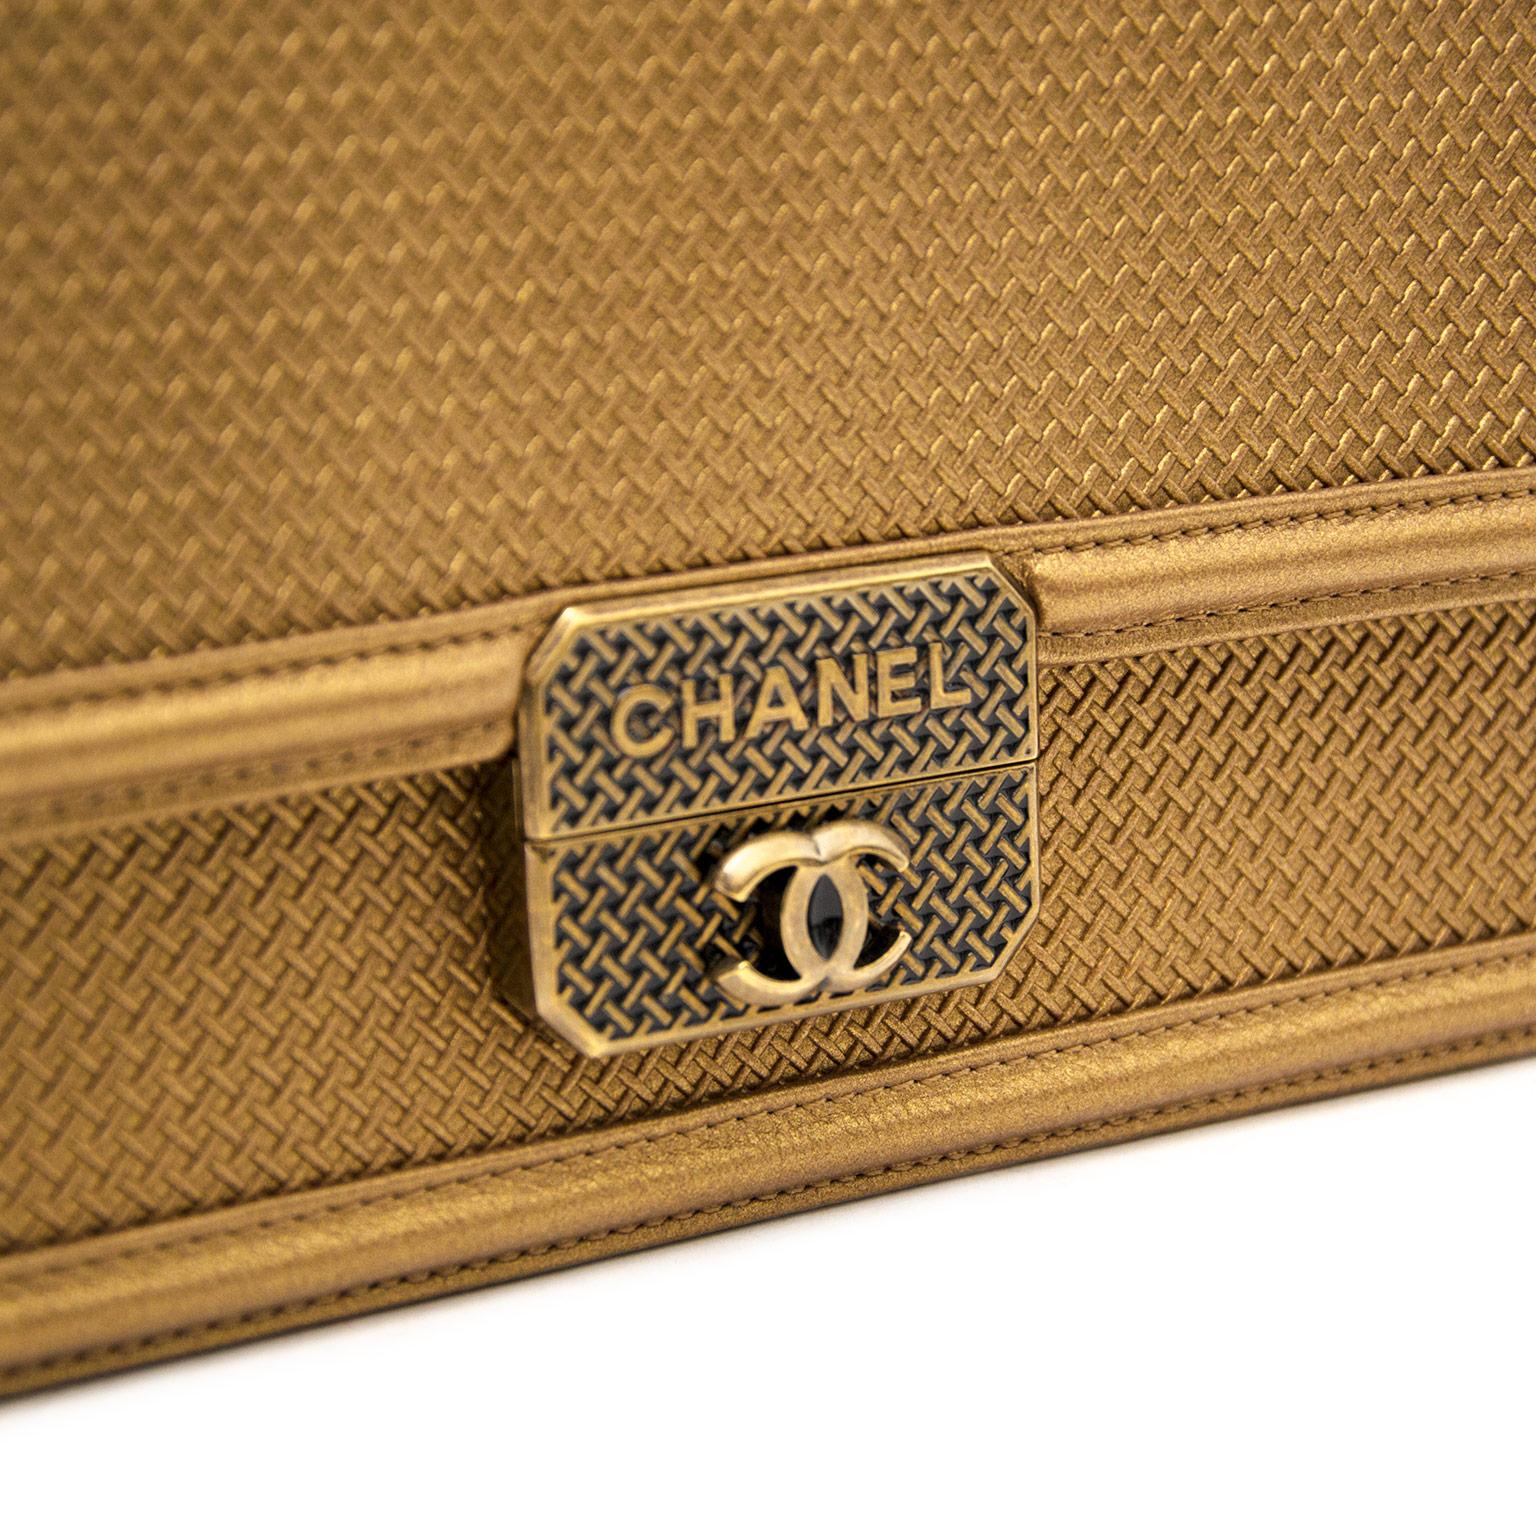 Bent u op zoek naar een nieuwe handtas? Koop uw authentieke Chanel gouden lederen handtas bij Labellov in Antwerpen.